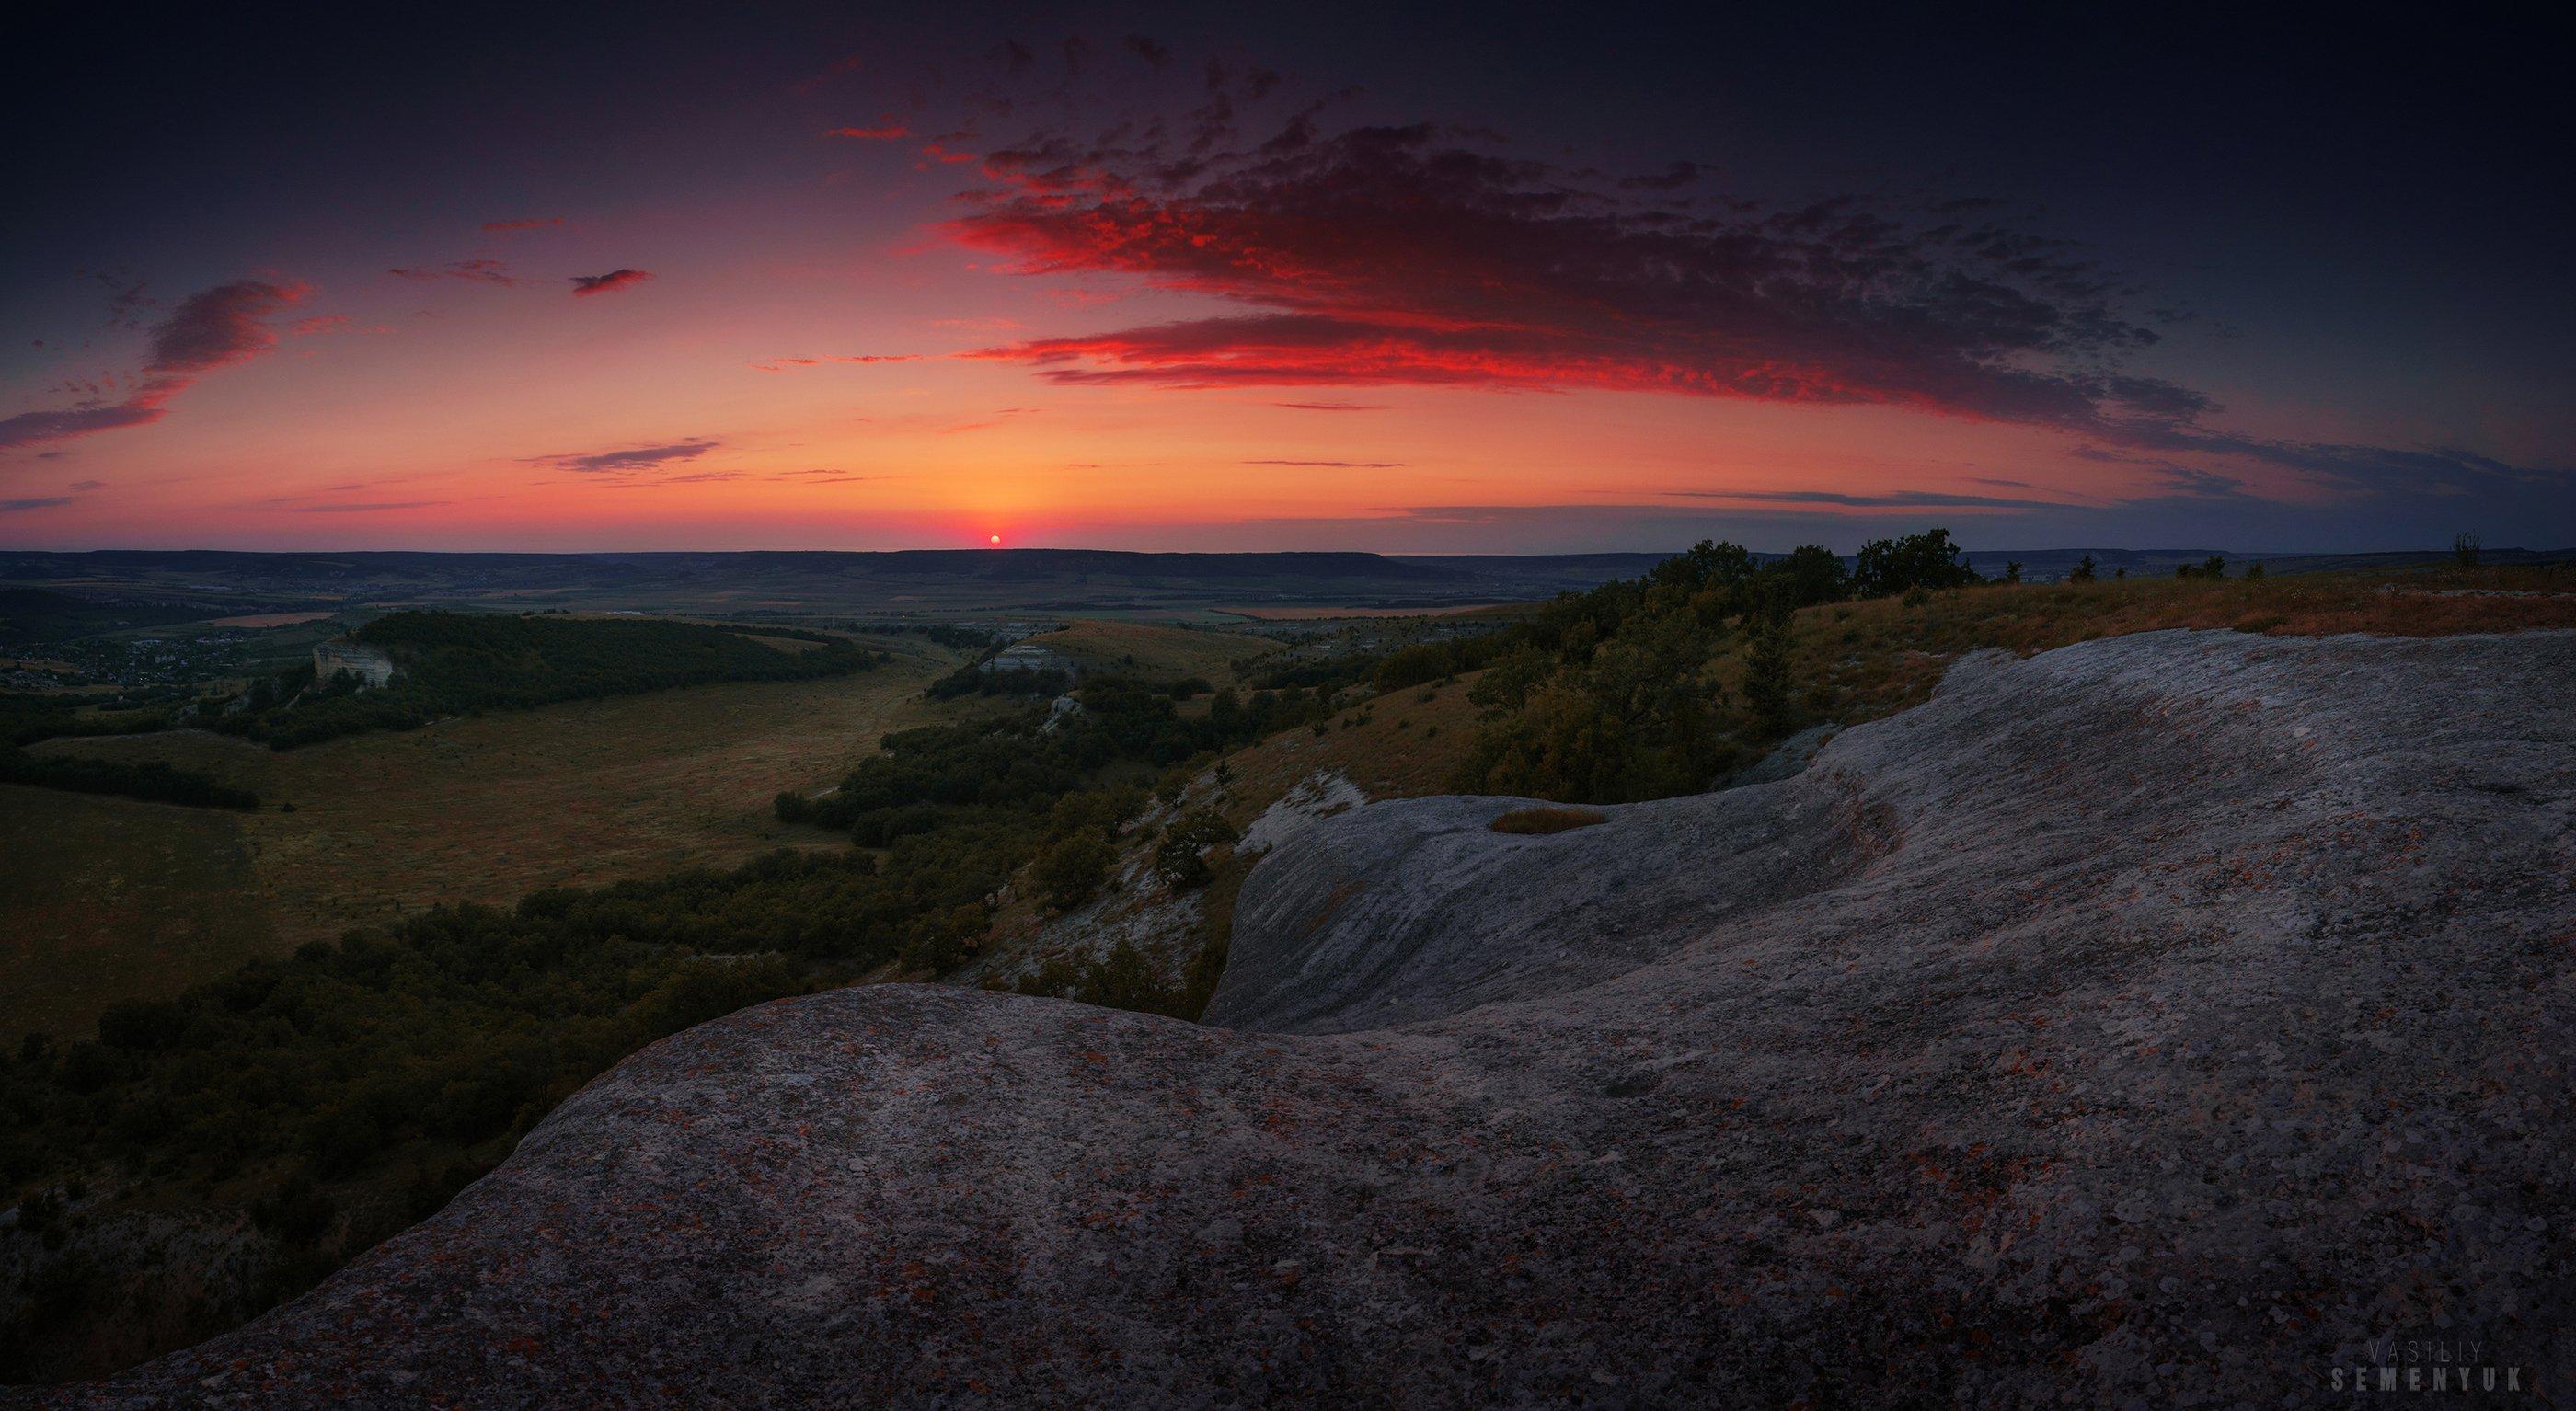 крым, белокаменка, закат, кара-тау, скалы, солнце, облака, панорама., Семенюк Василий